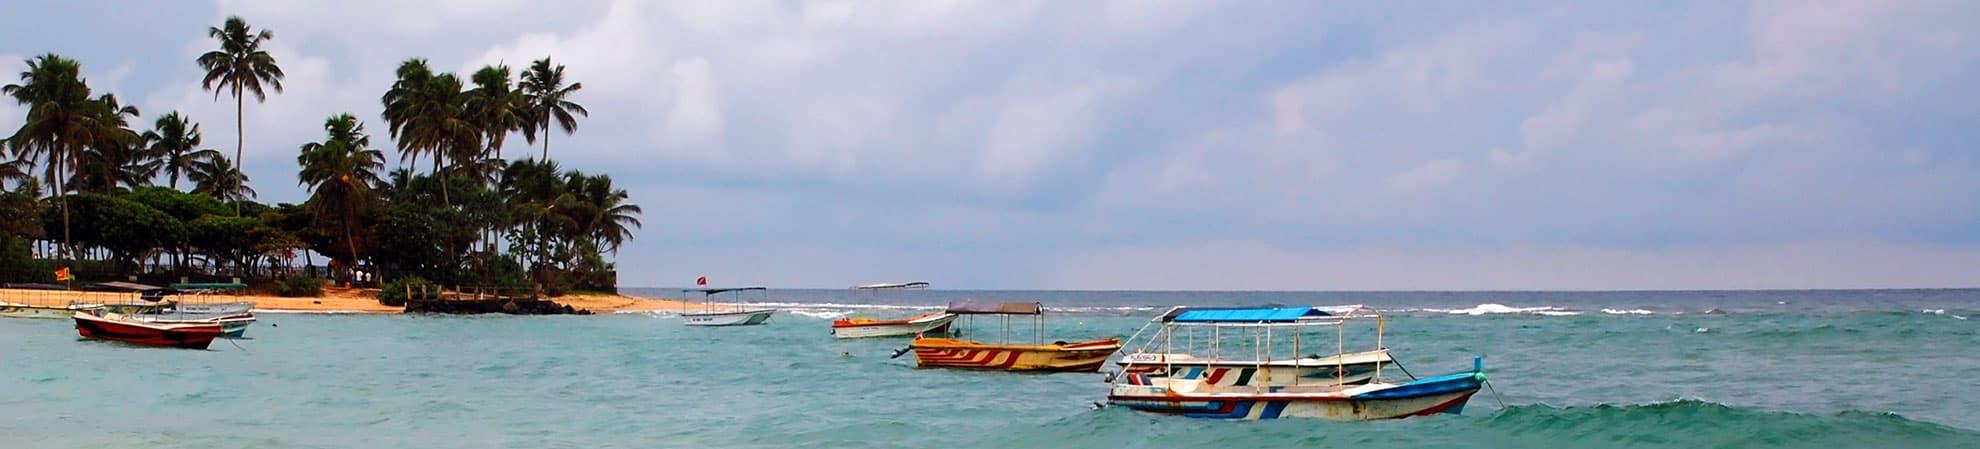 Voyage Hikkaduwa